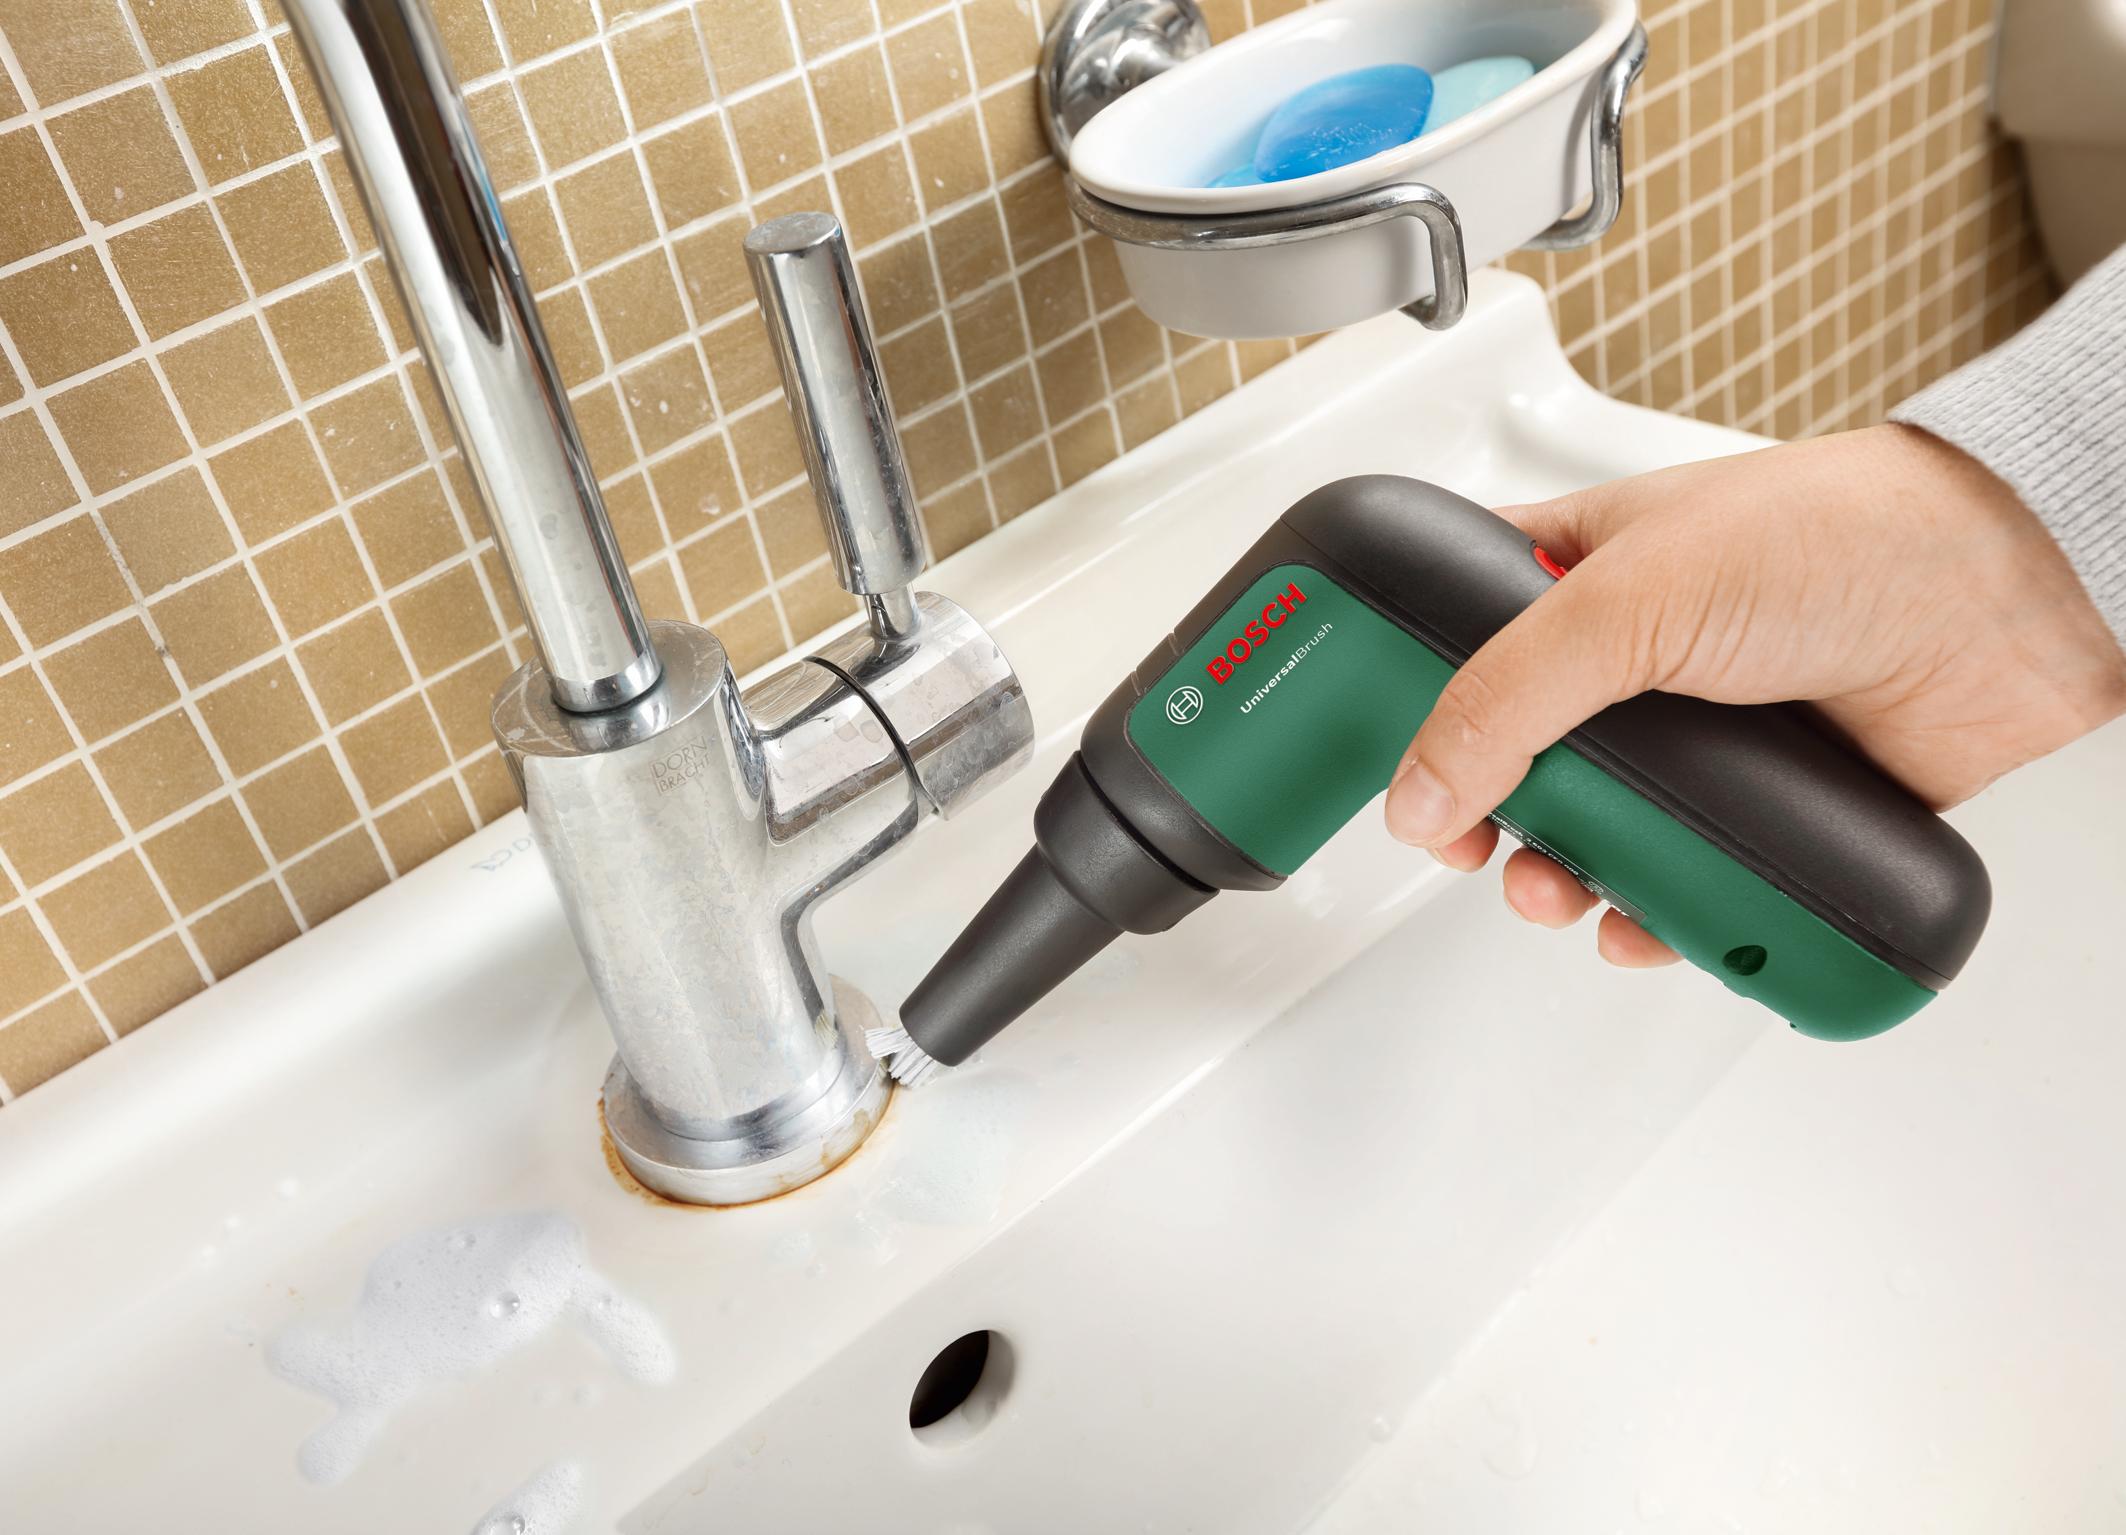 UniversalBrush – verschiedene Aufsätze, unzählige Möglichkeiten: Detailbürste zum Reinigen schwer erreichbarer Stellen